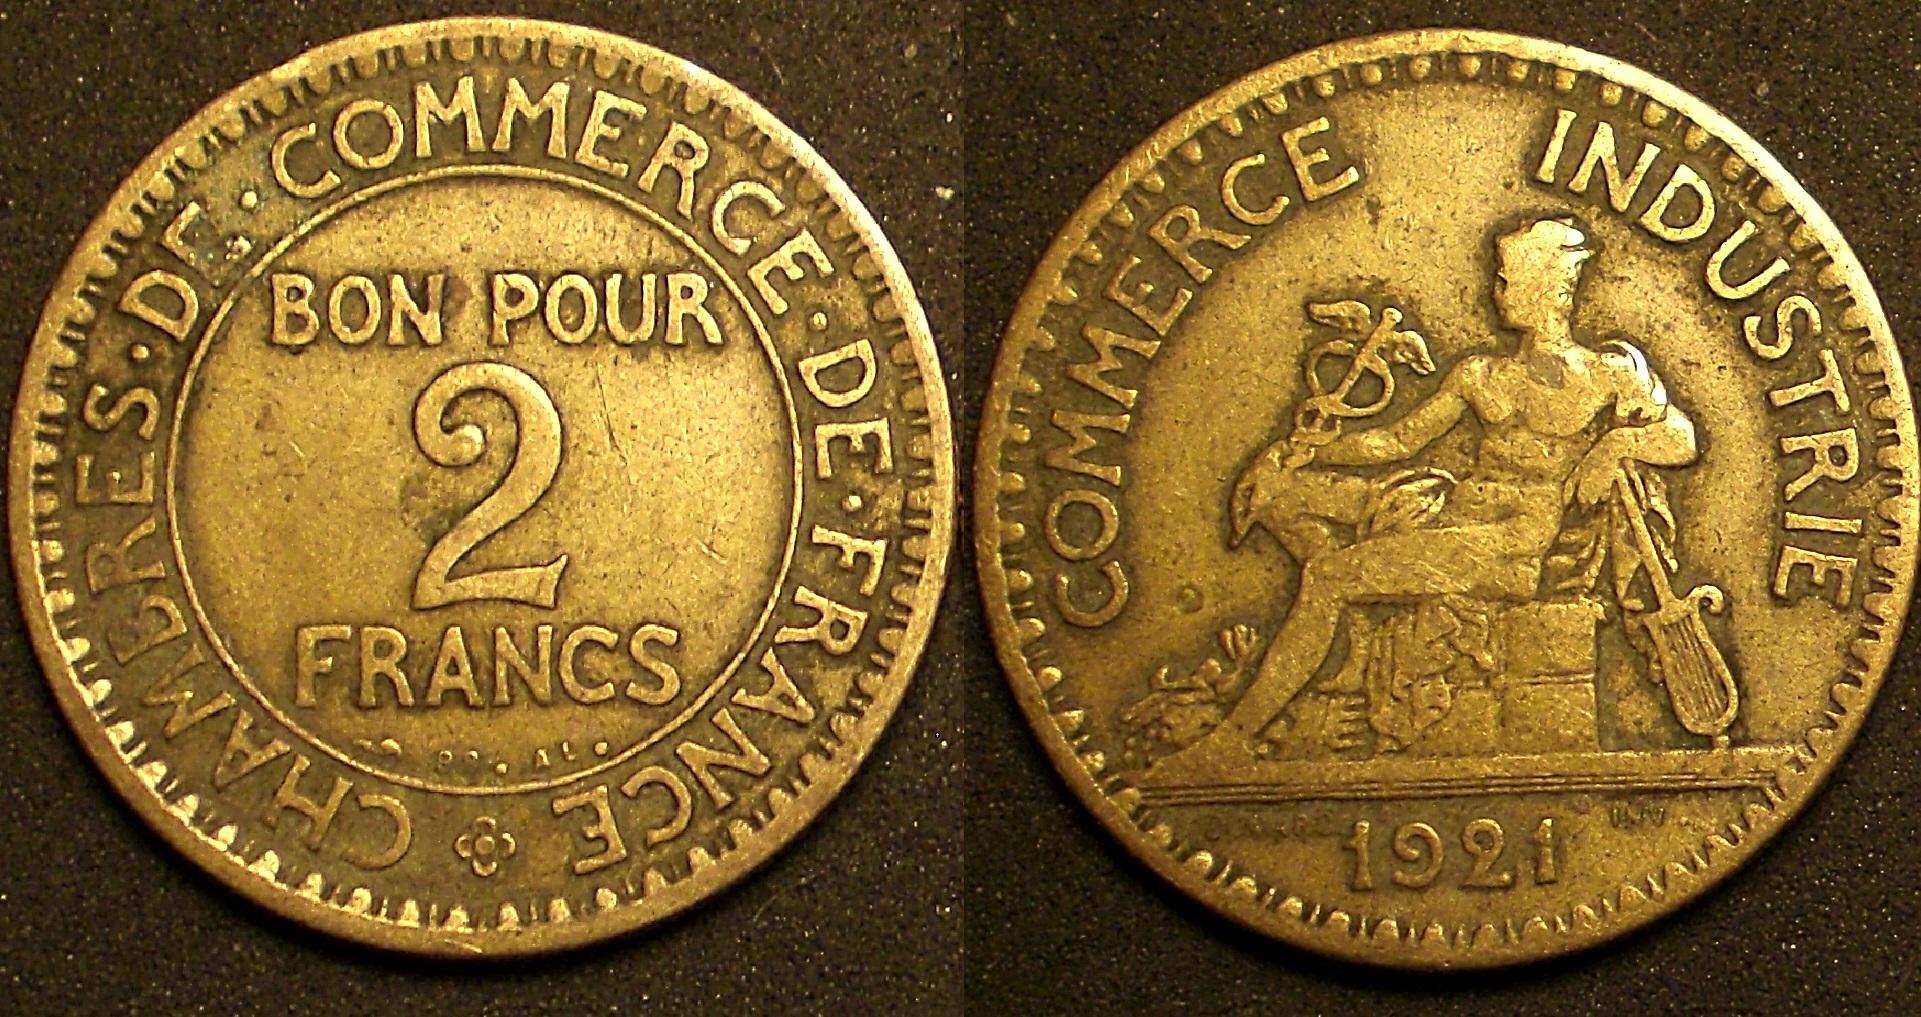 Bon pour 2 francs chambre du commerce 1921 2 ferm for Chambre de commerce de france bon pour 2 francs